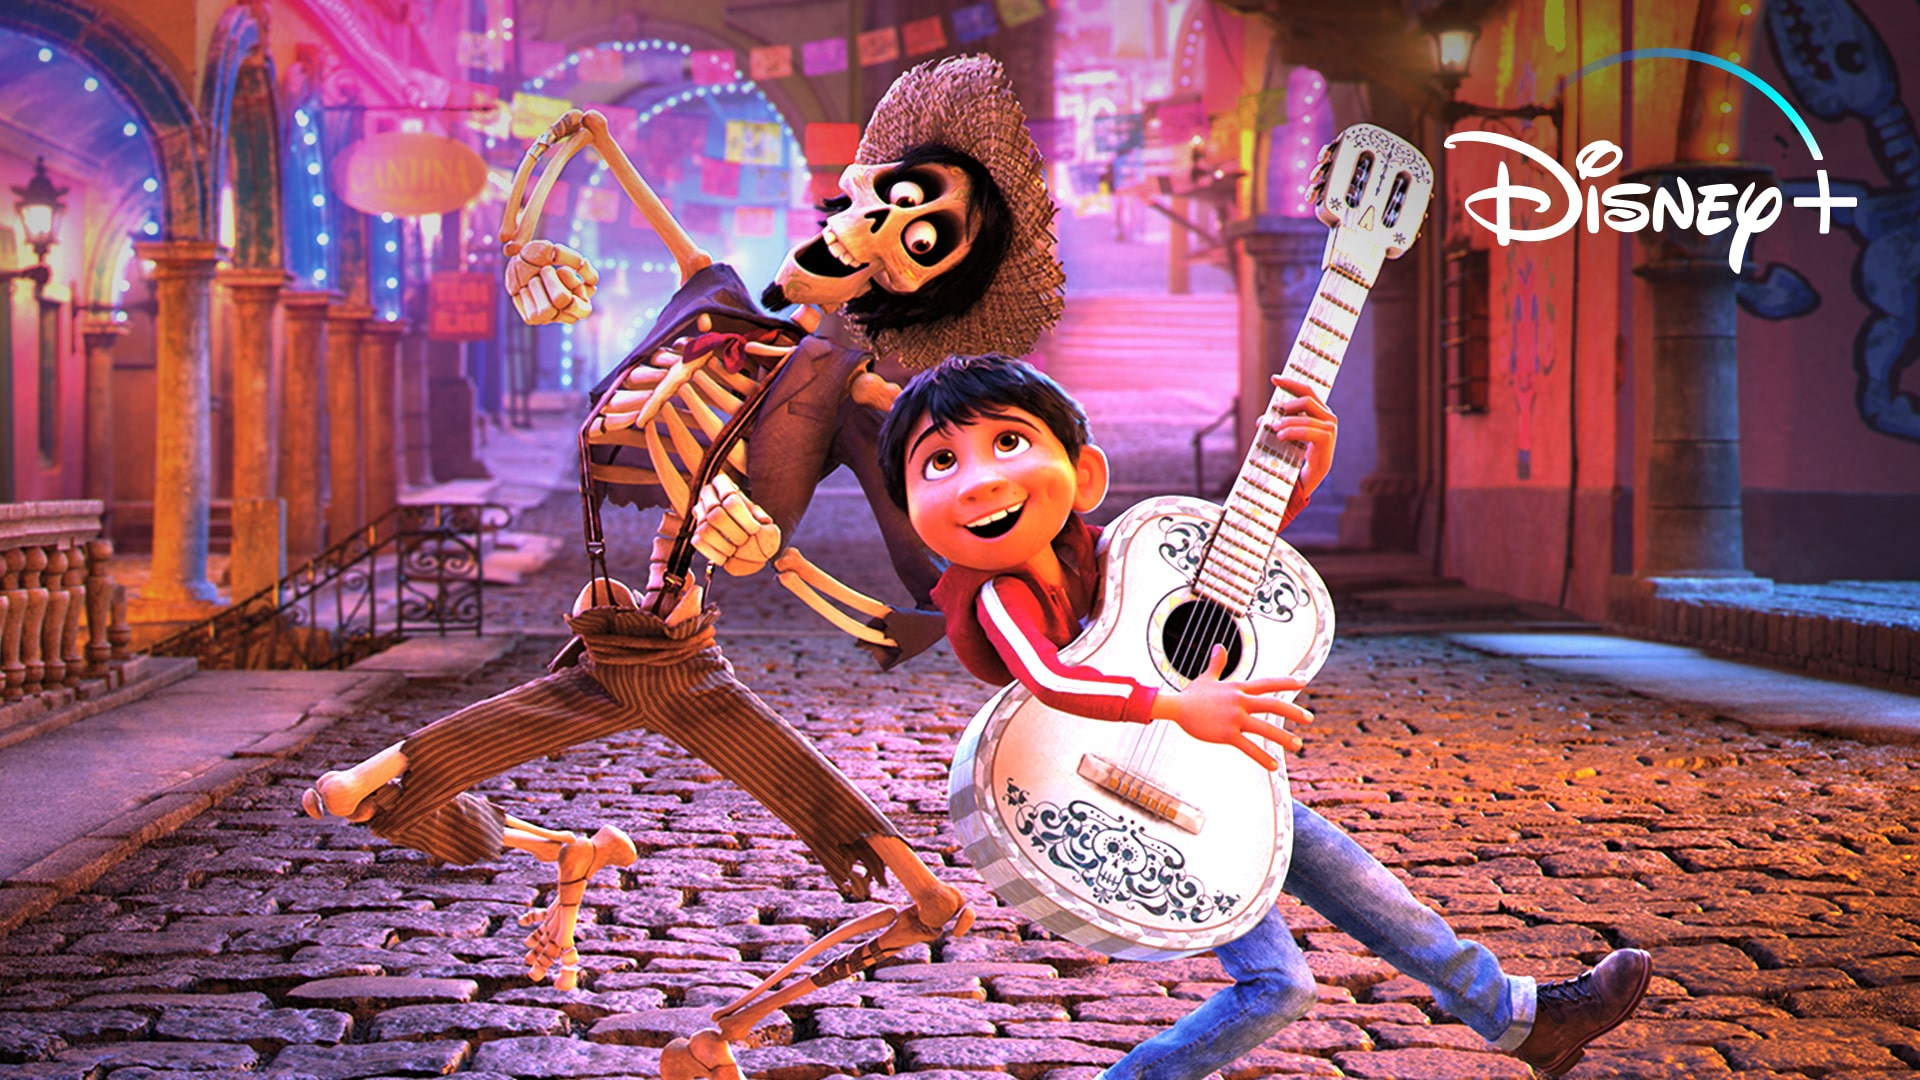 How Coco Honor Día de los Muertos | Disney+